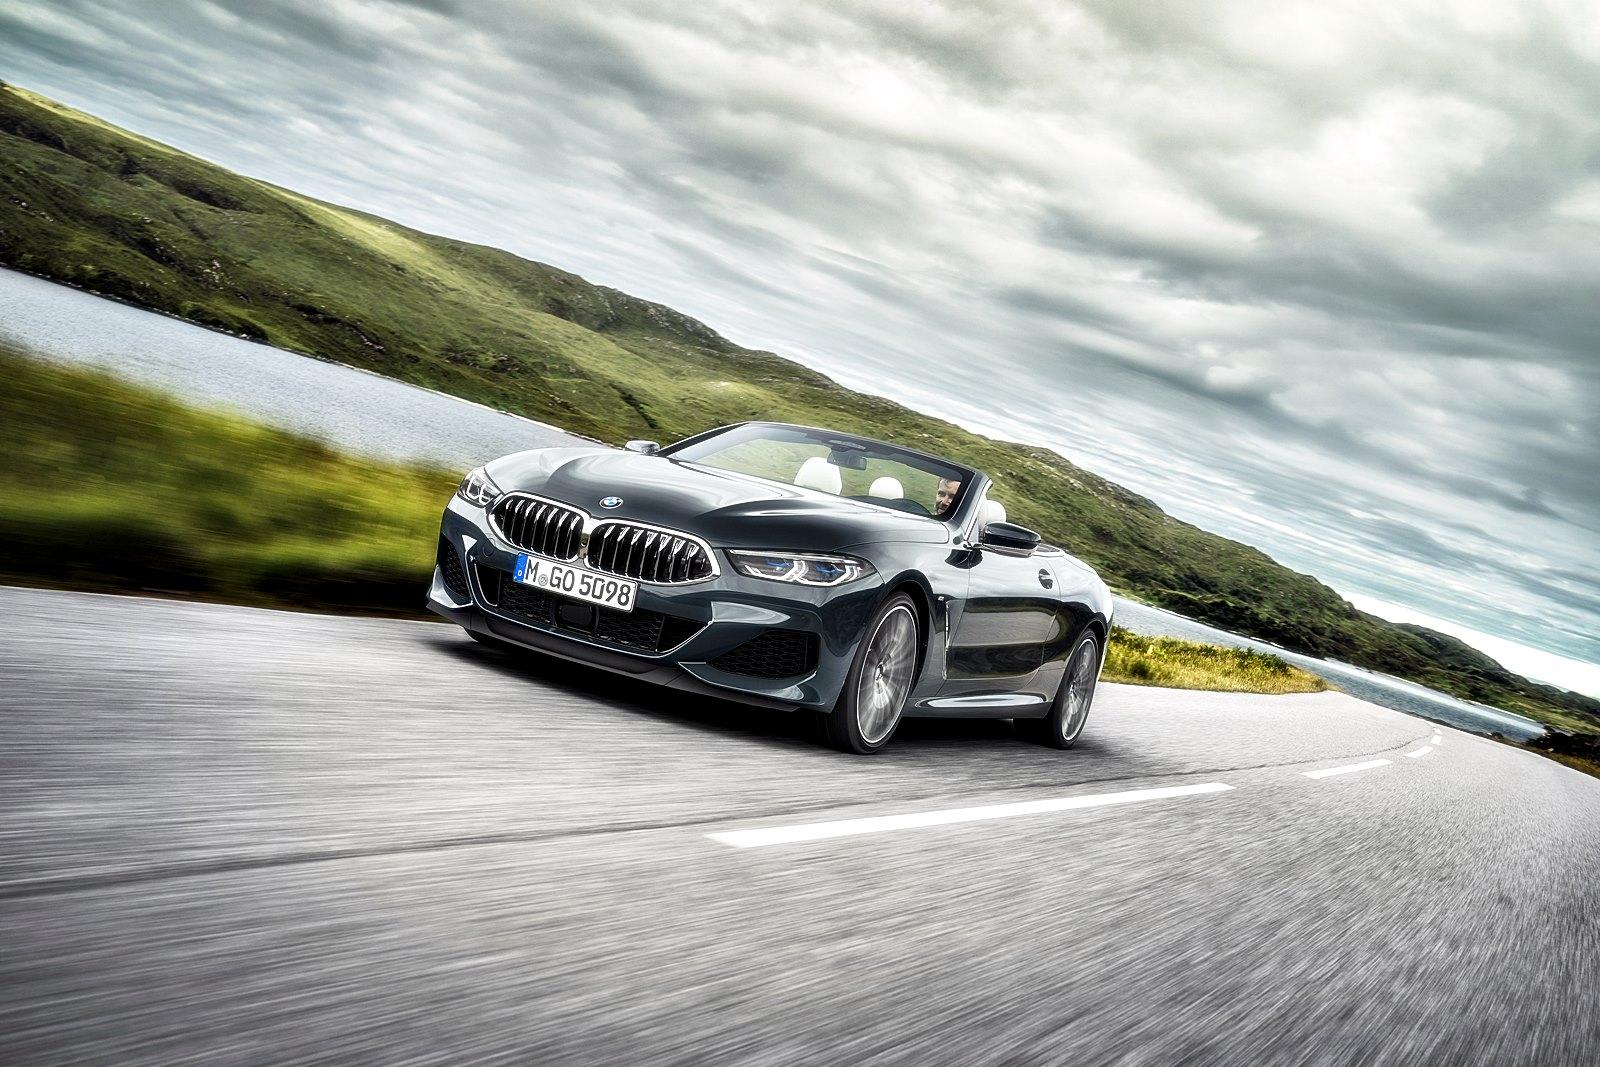 Precios del BMW Serie 8 Cabrio para España: Mucho más caro que el Coupé